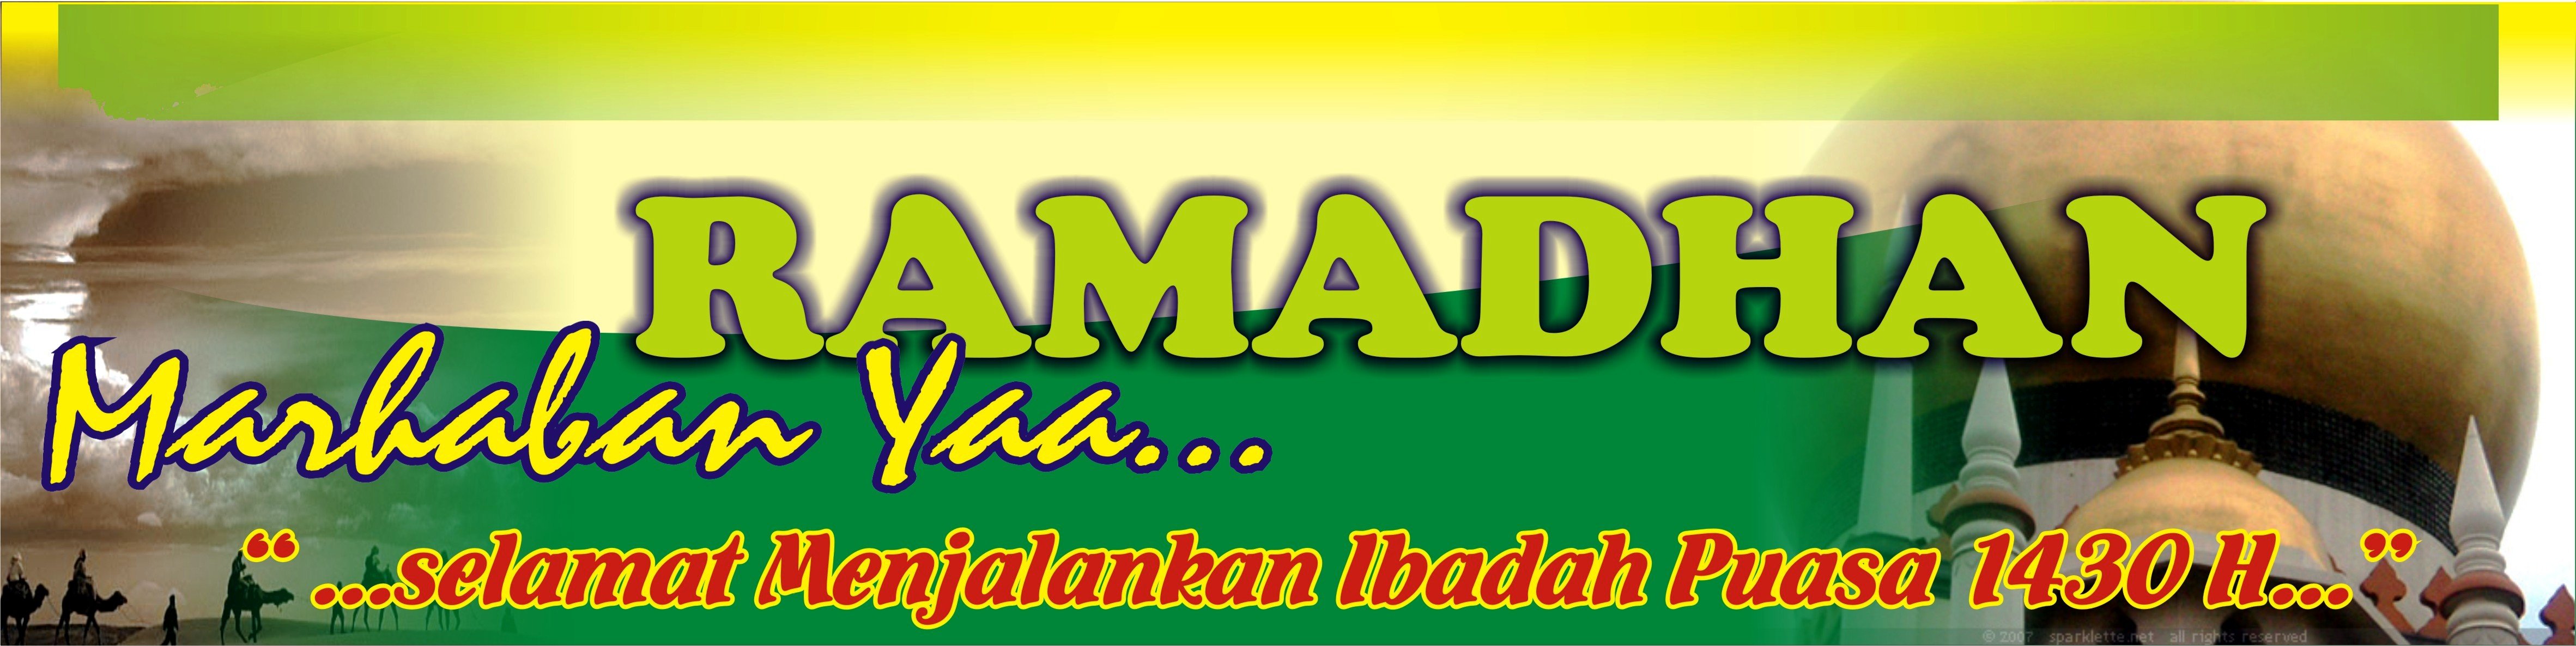 Ucapan Selamat Berbuka Puasa Ramadhan Kata Mutiara Terbaru